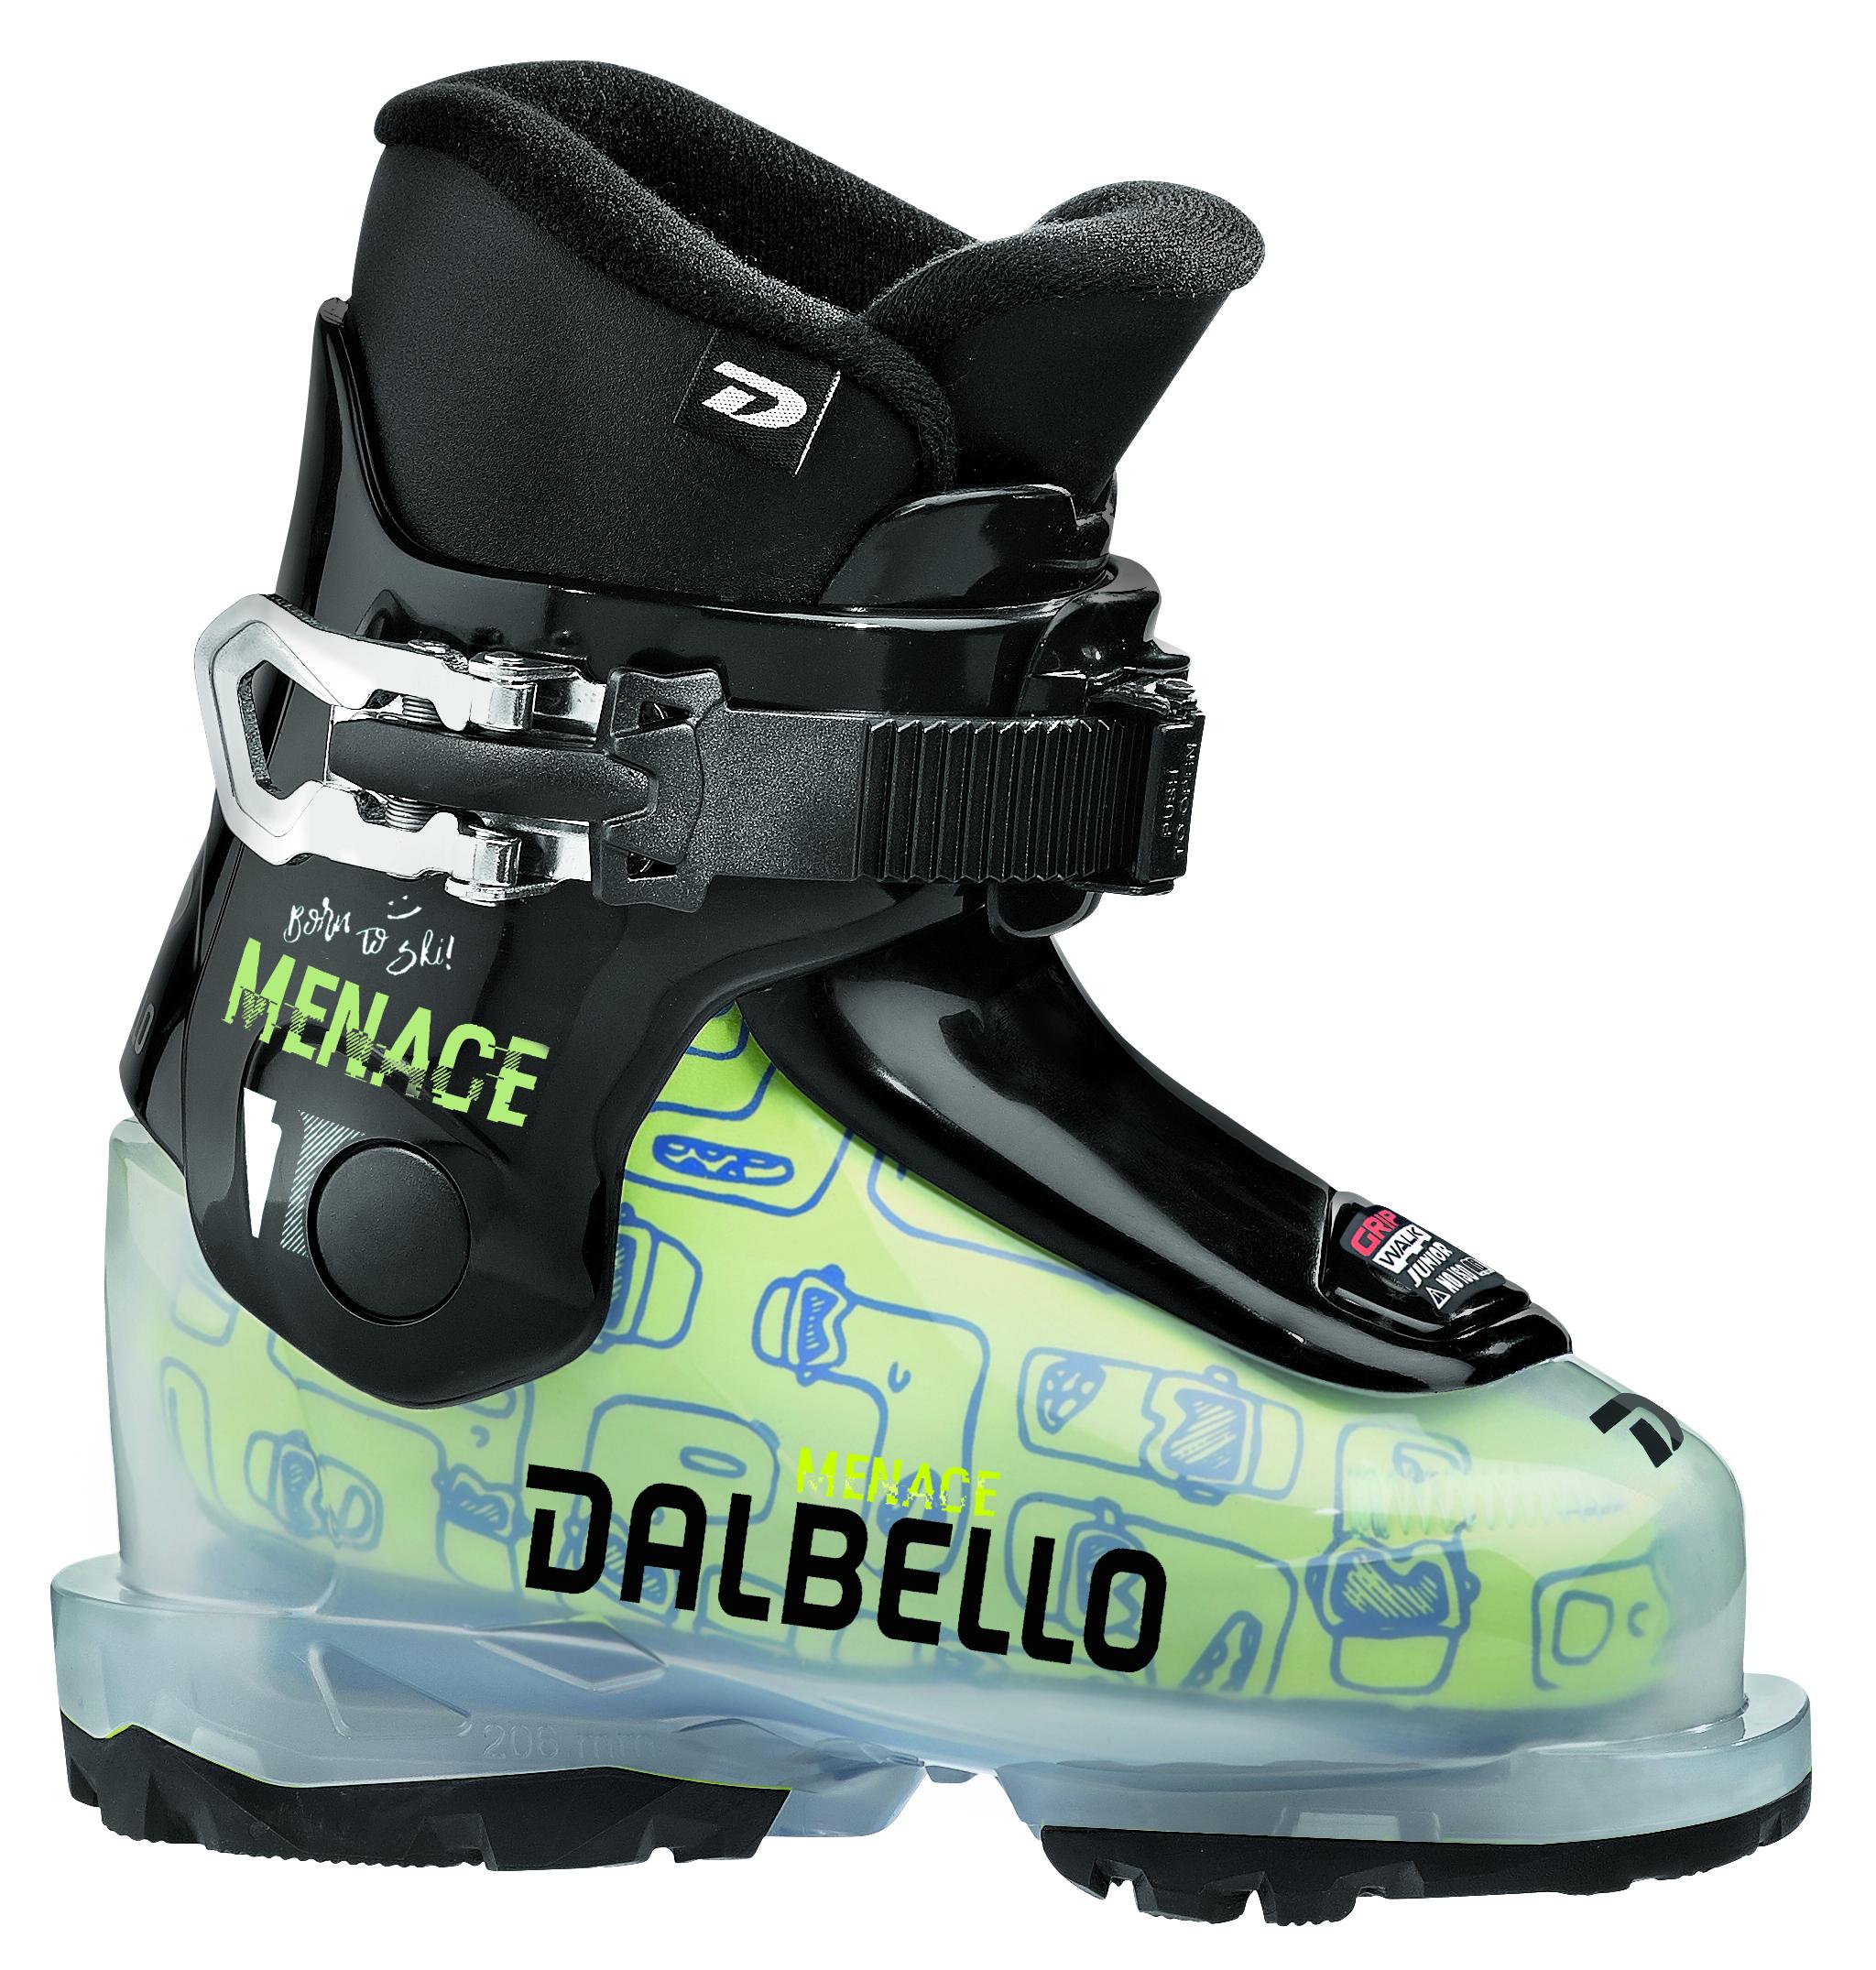 D1952004_00-Dalbello-skiboot-Menace-1_0-